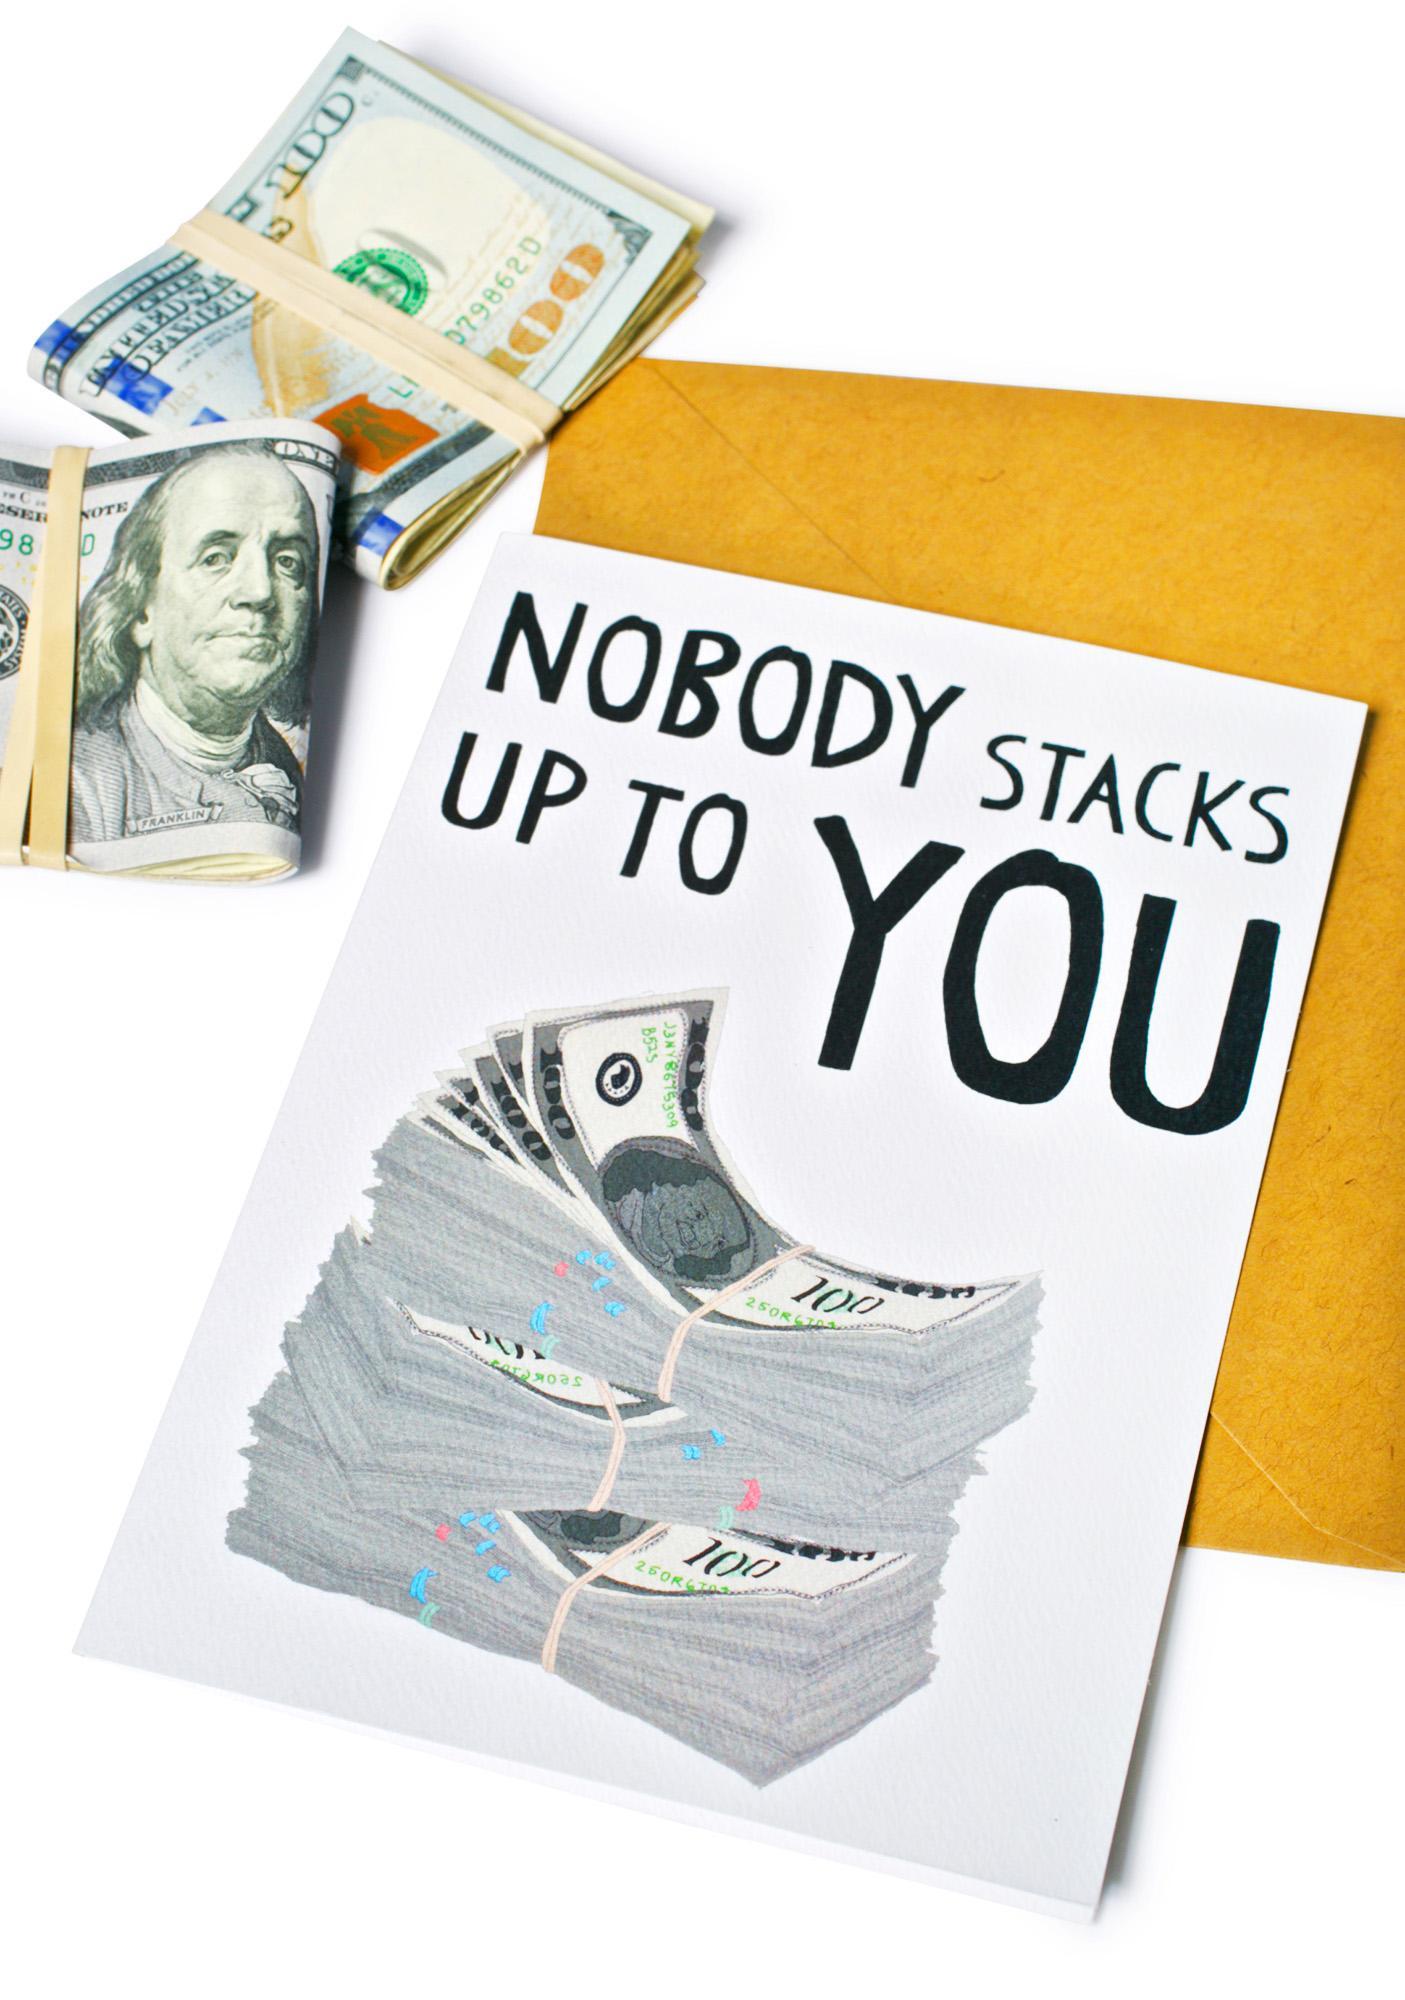 Fat Stackz Card